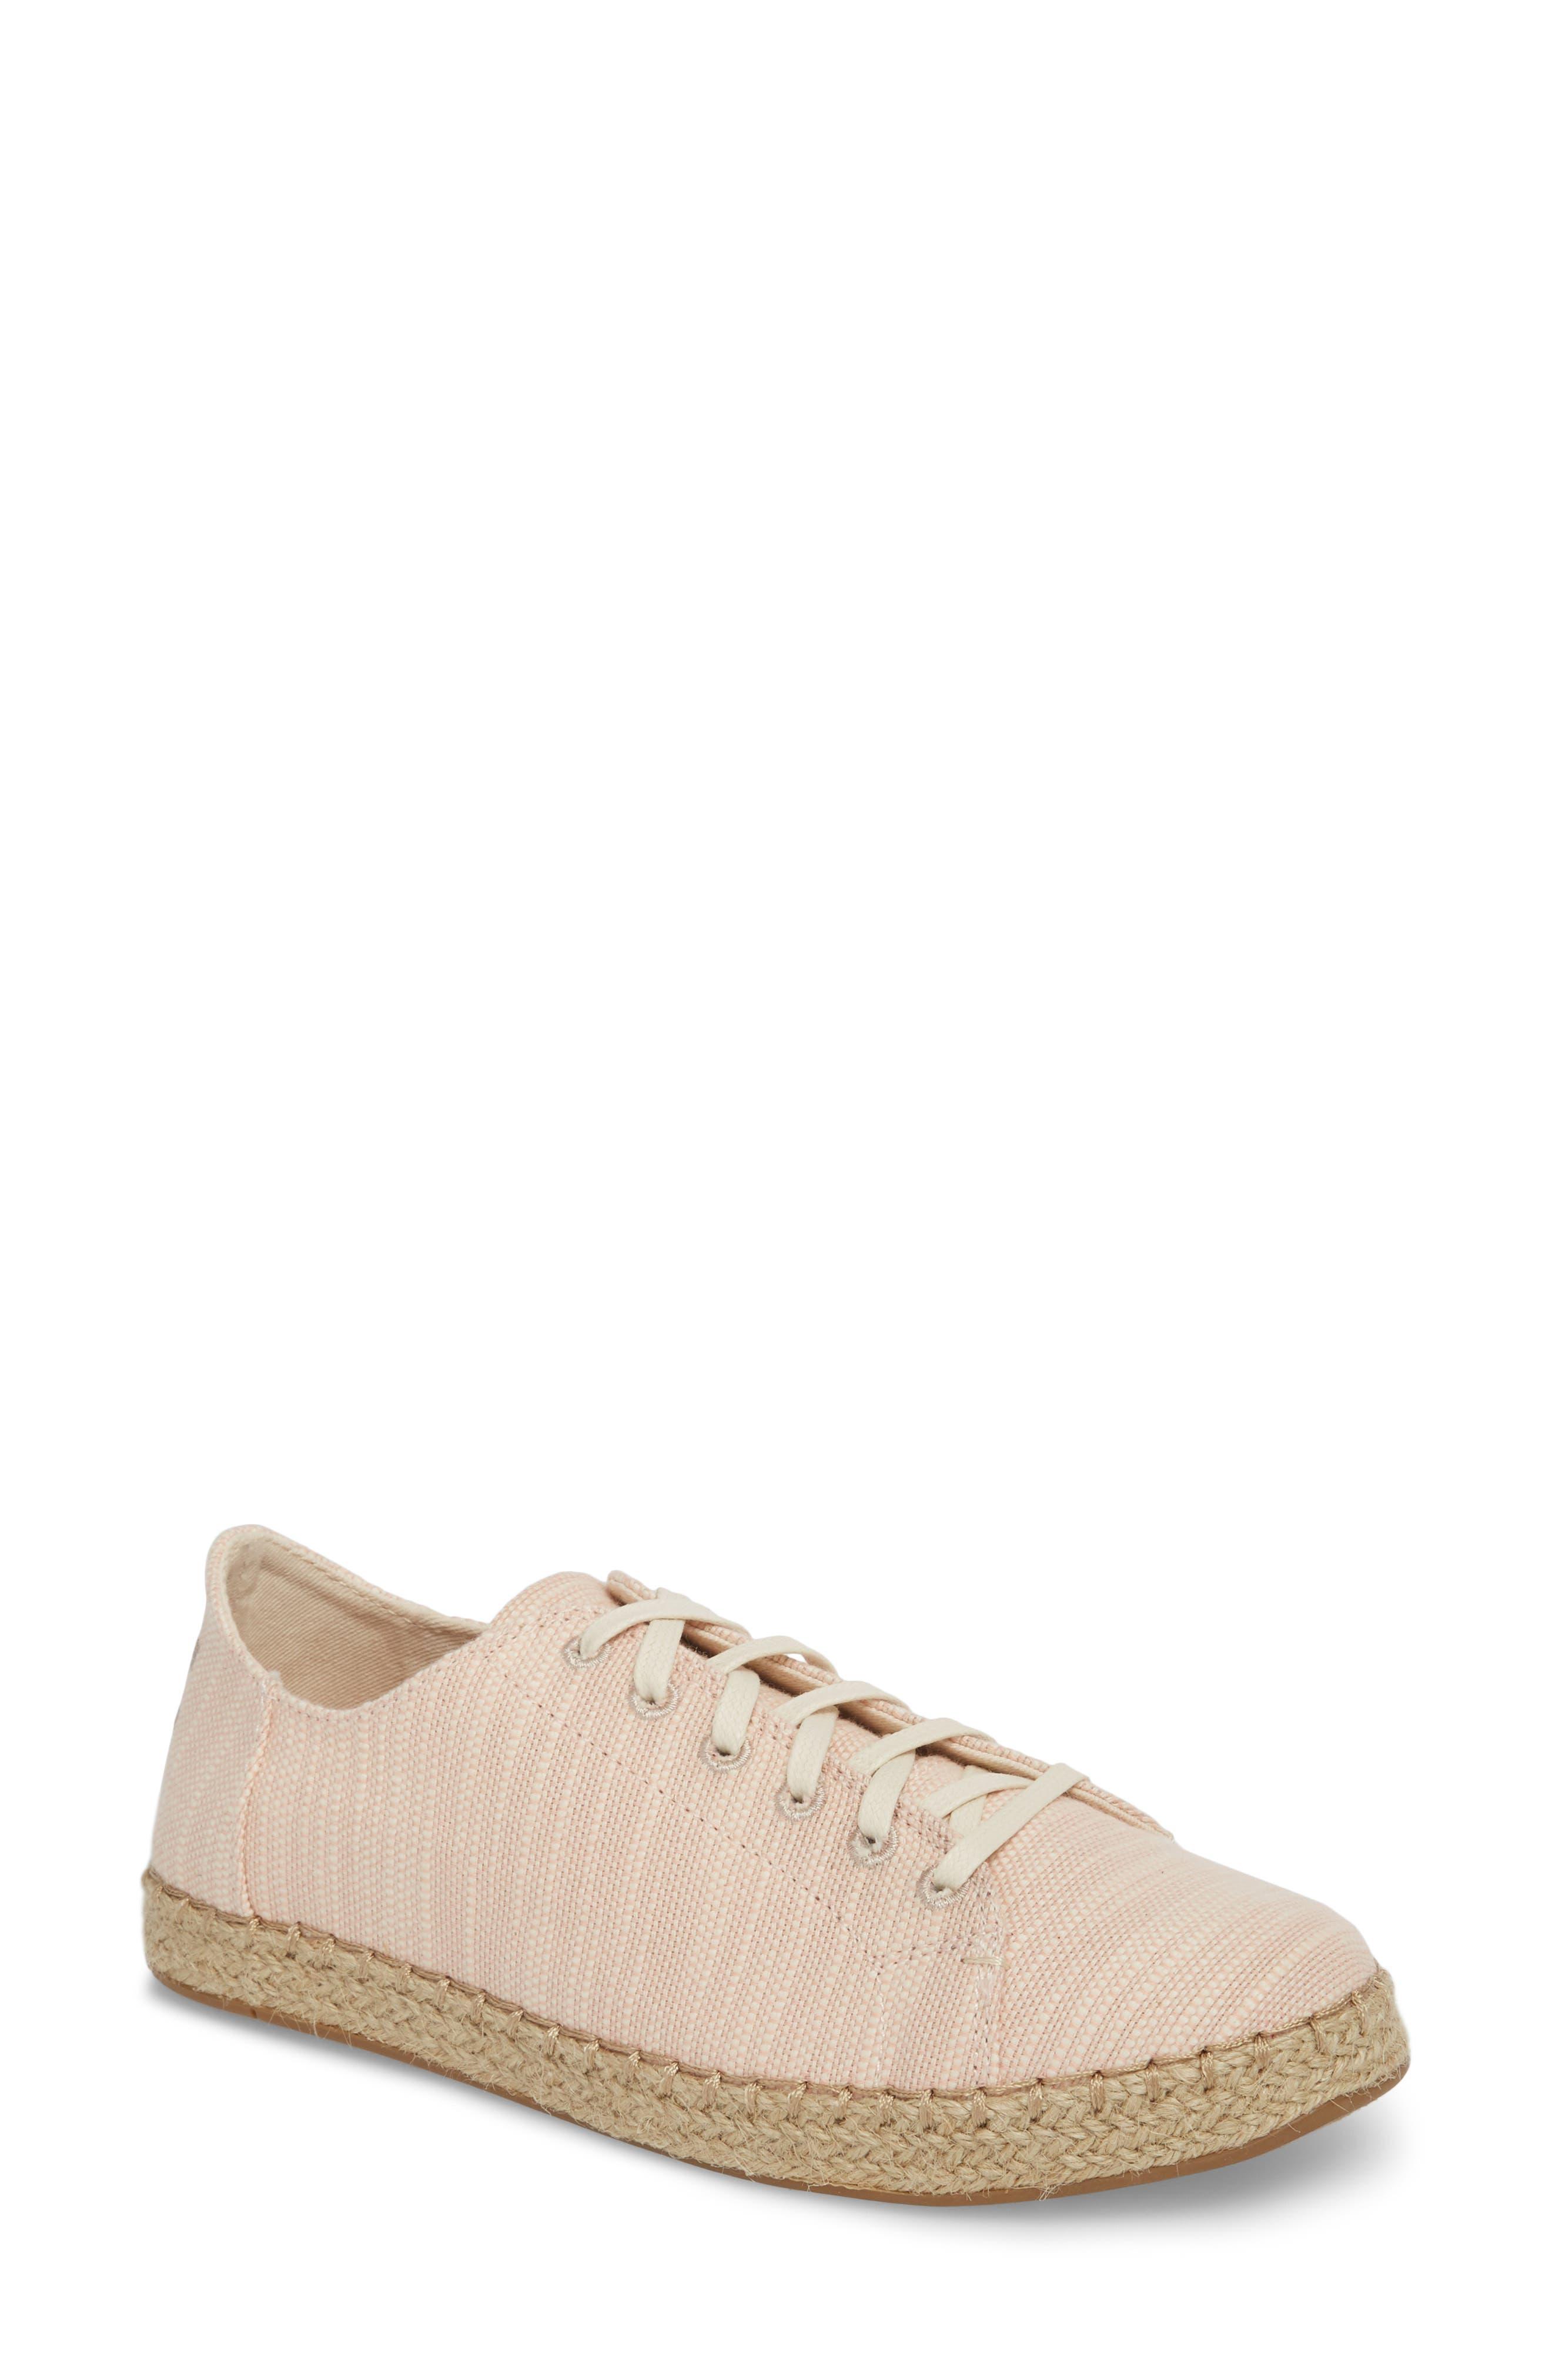 TOMS Lena Espadrille Sneaker (Women)